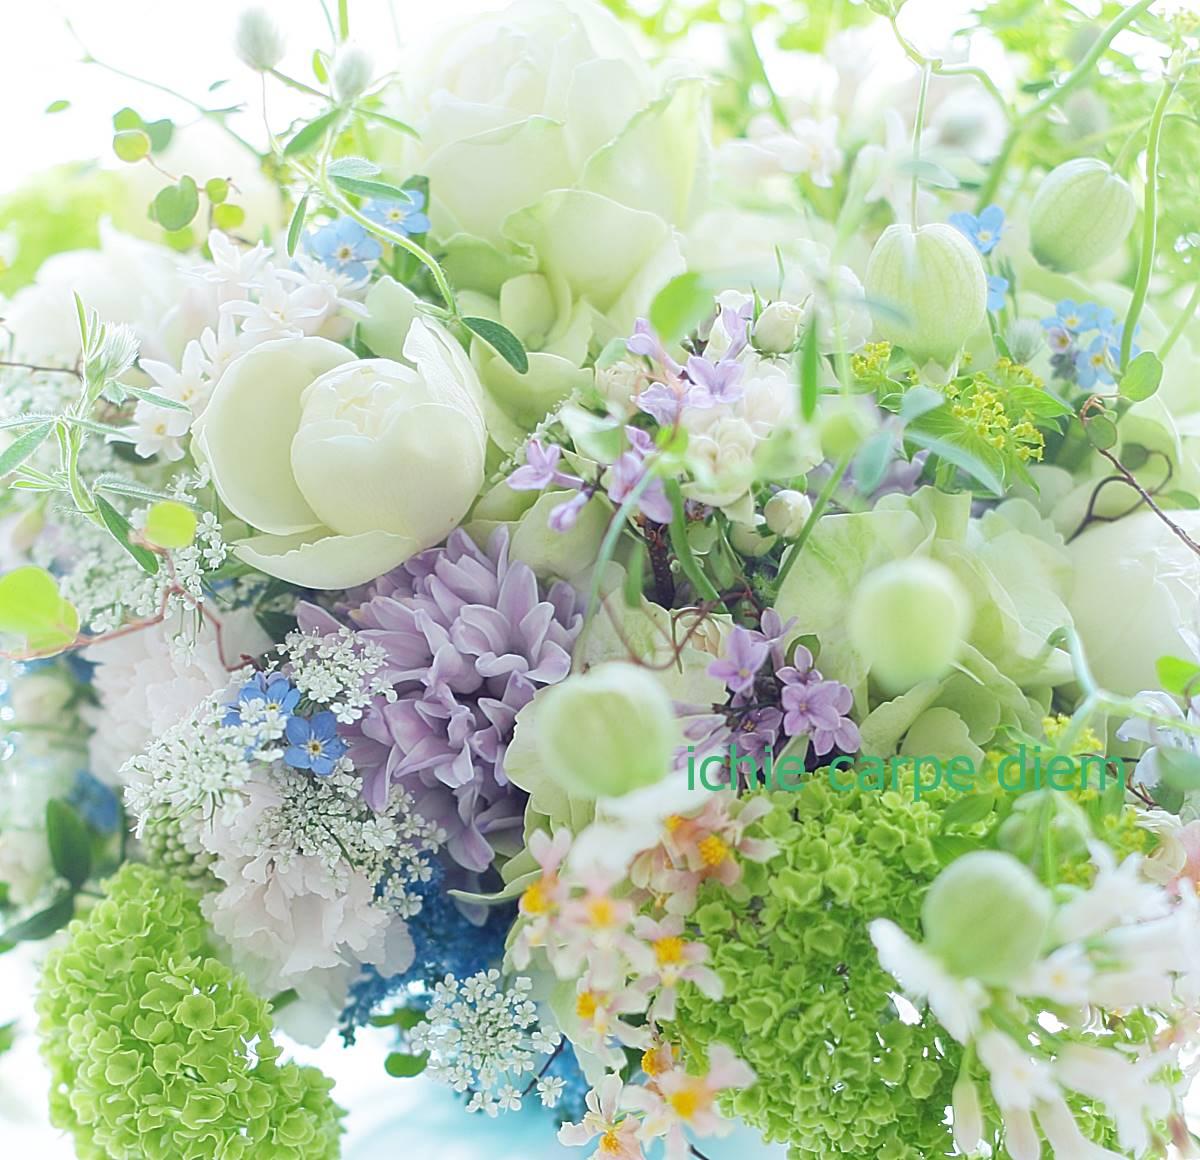 クラッチブーケ 八芳園さまへ、二次会のドレスにもあうように一つのブーケで_a0042928_2245485.jpg